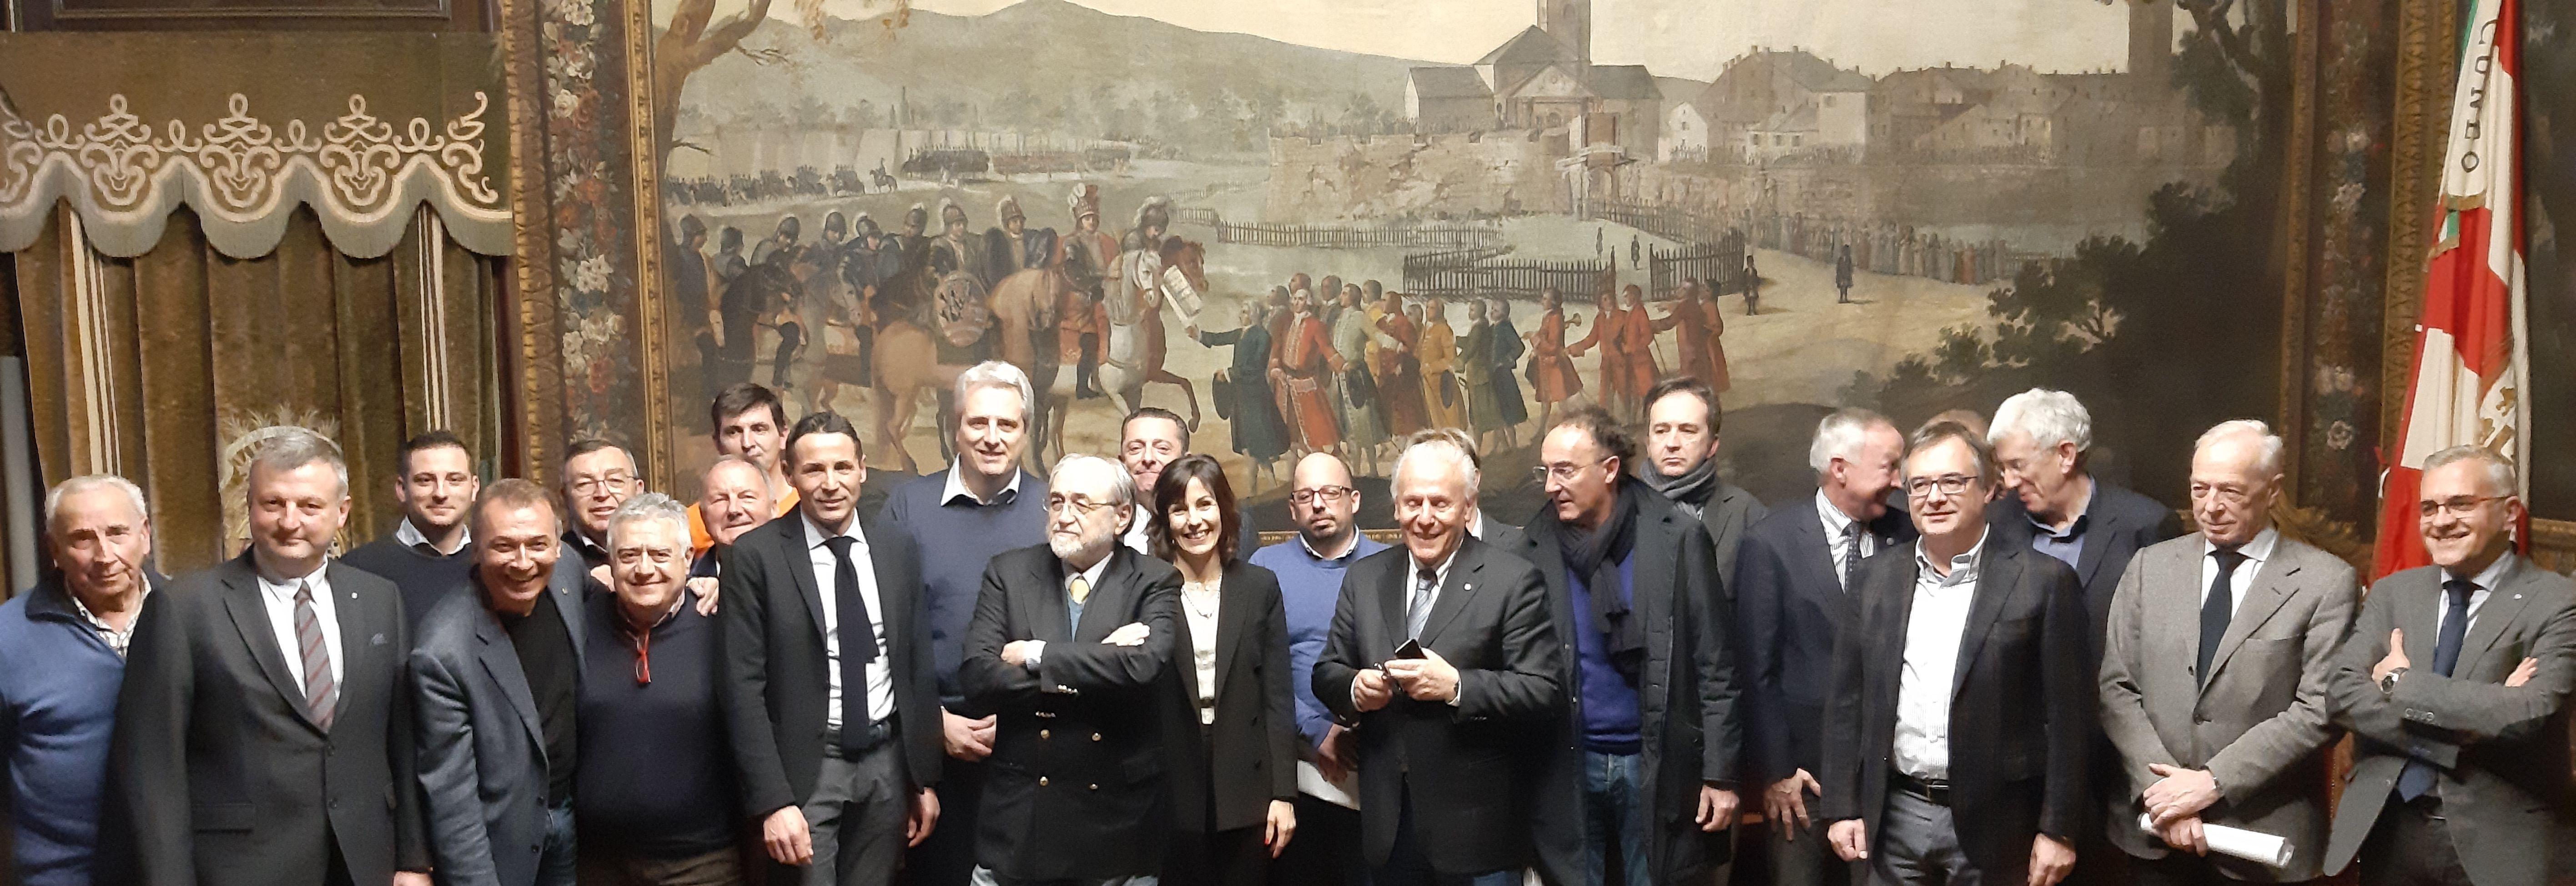 Comitato Tappa Cuneo Pinerolo 2 def